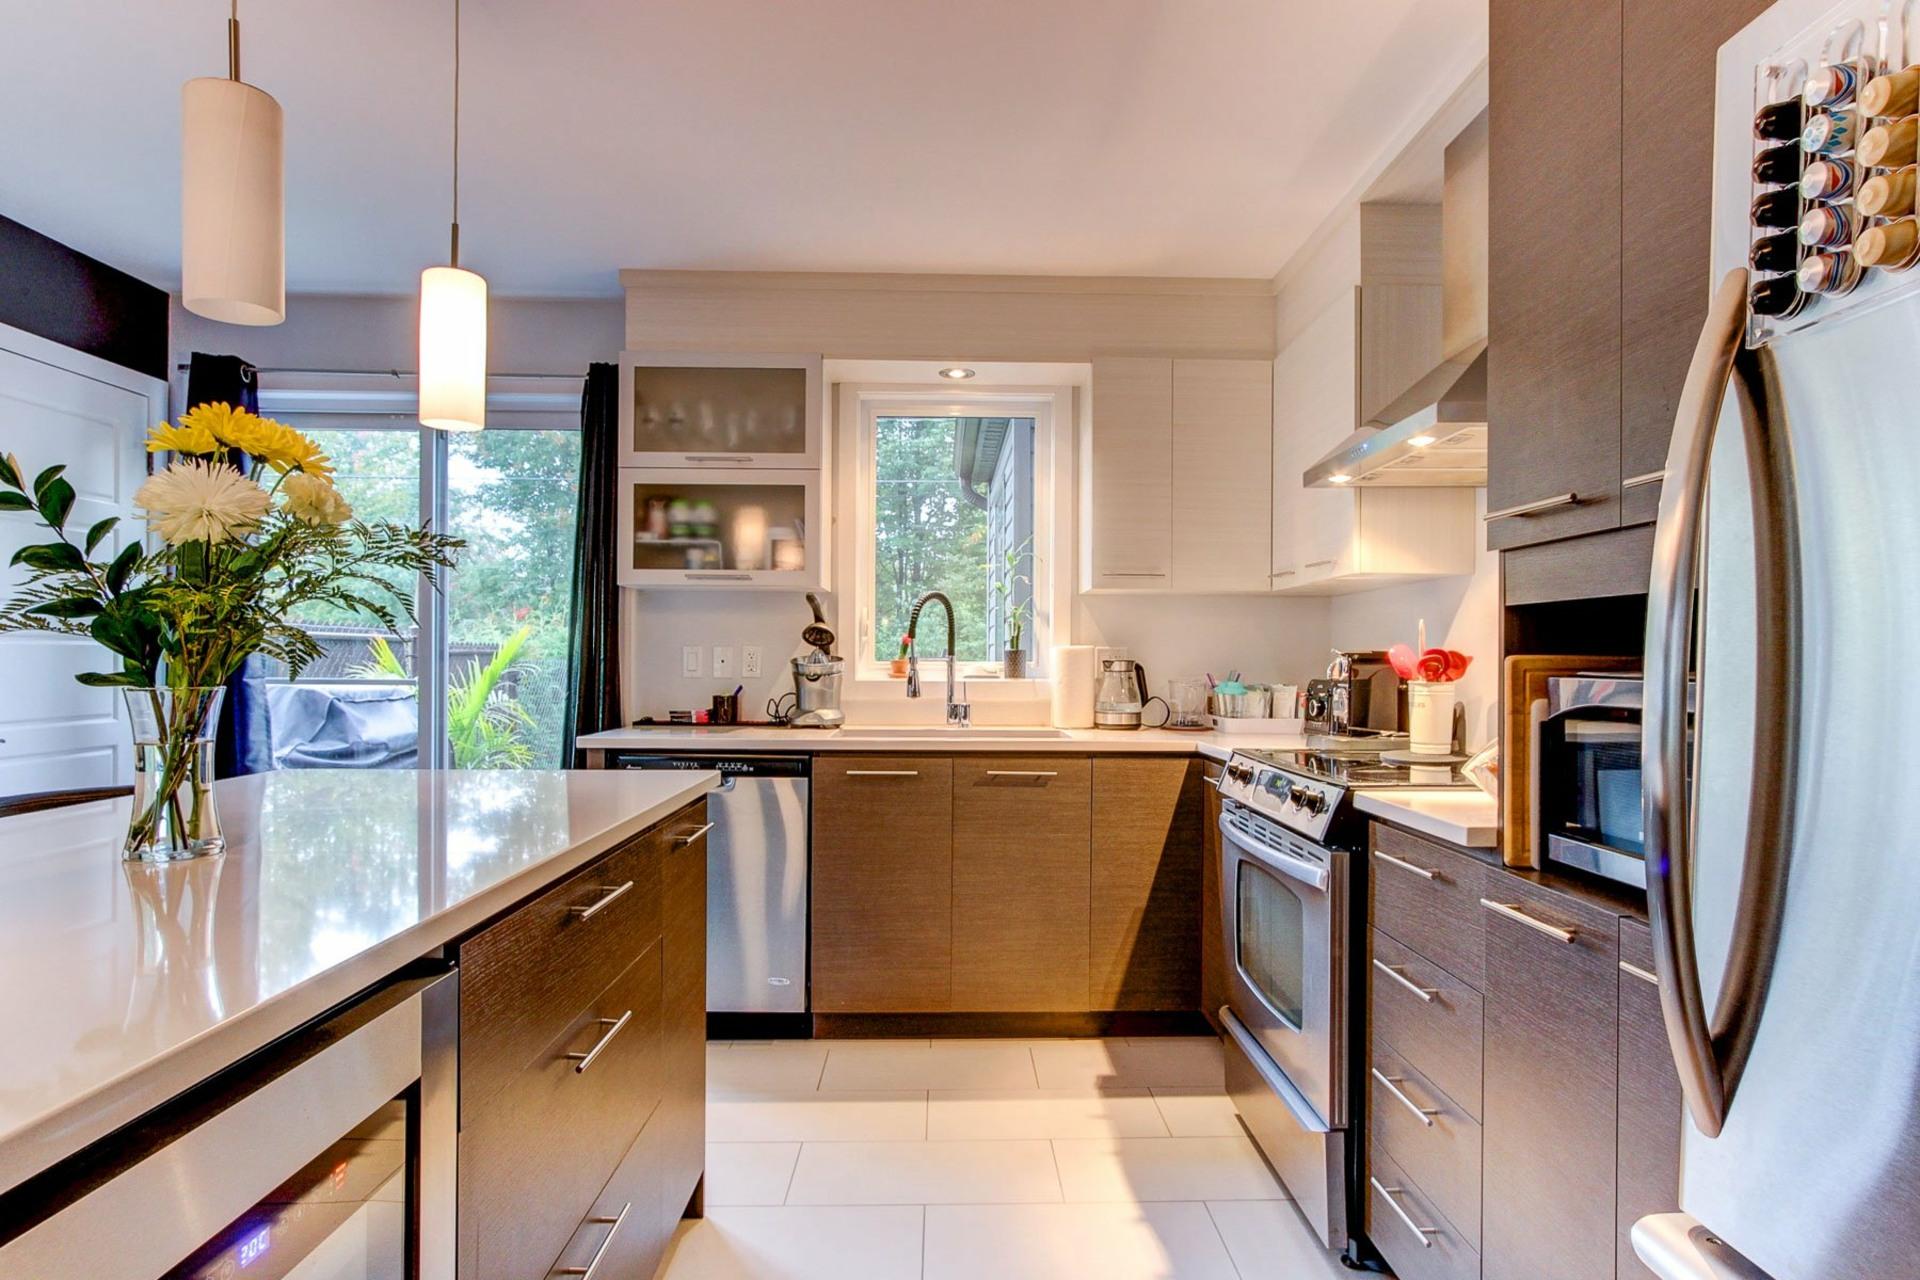 image 5 - Apartment For sale Trois-Rivières - 7 rooms